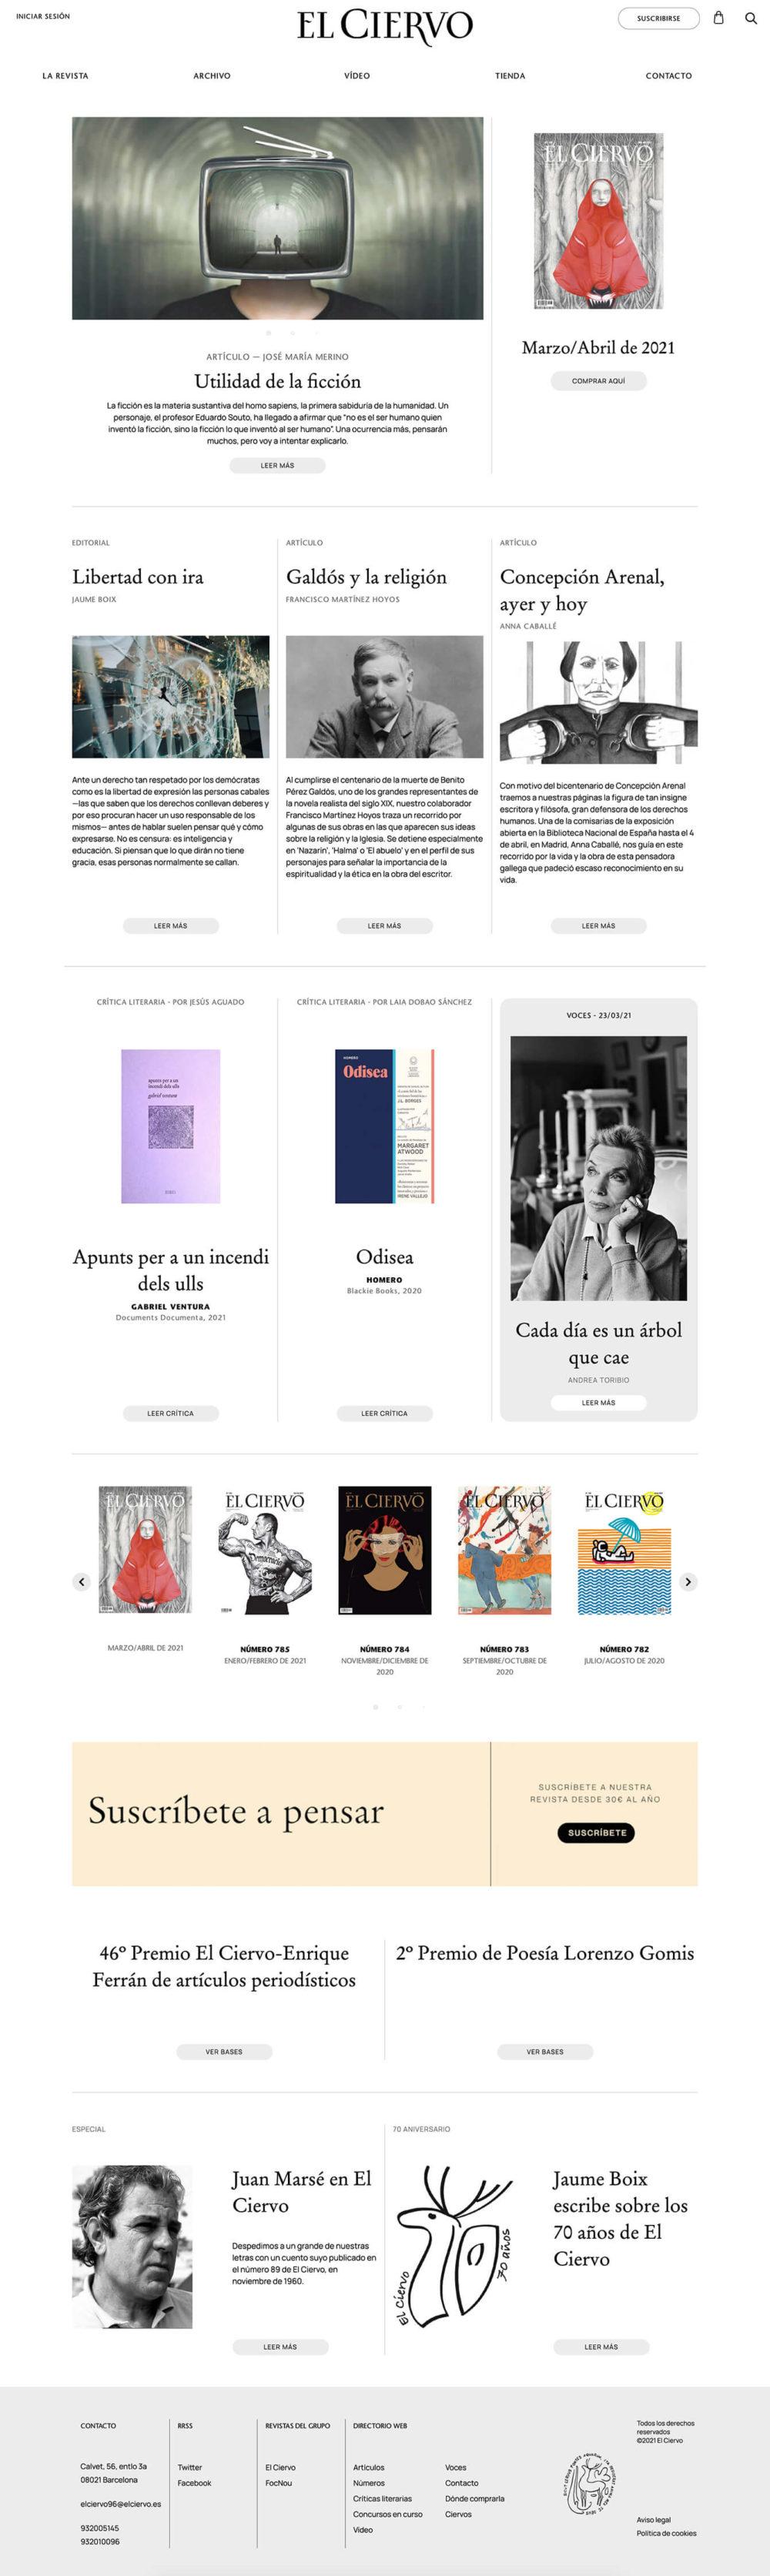 El Ciervo full website